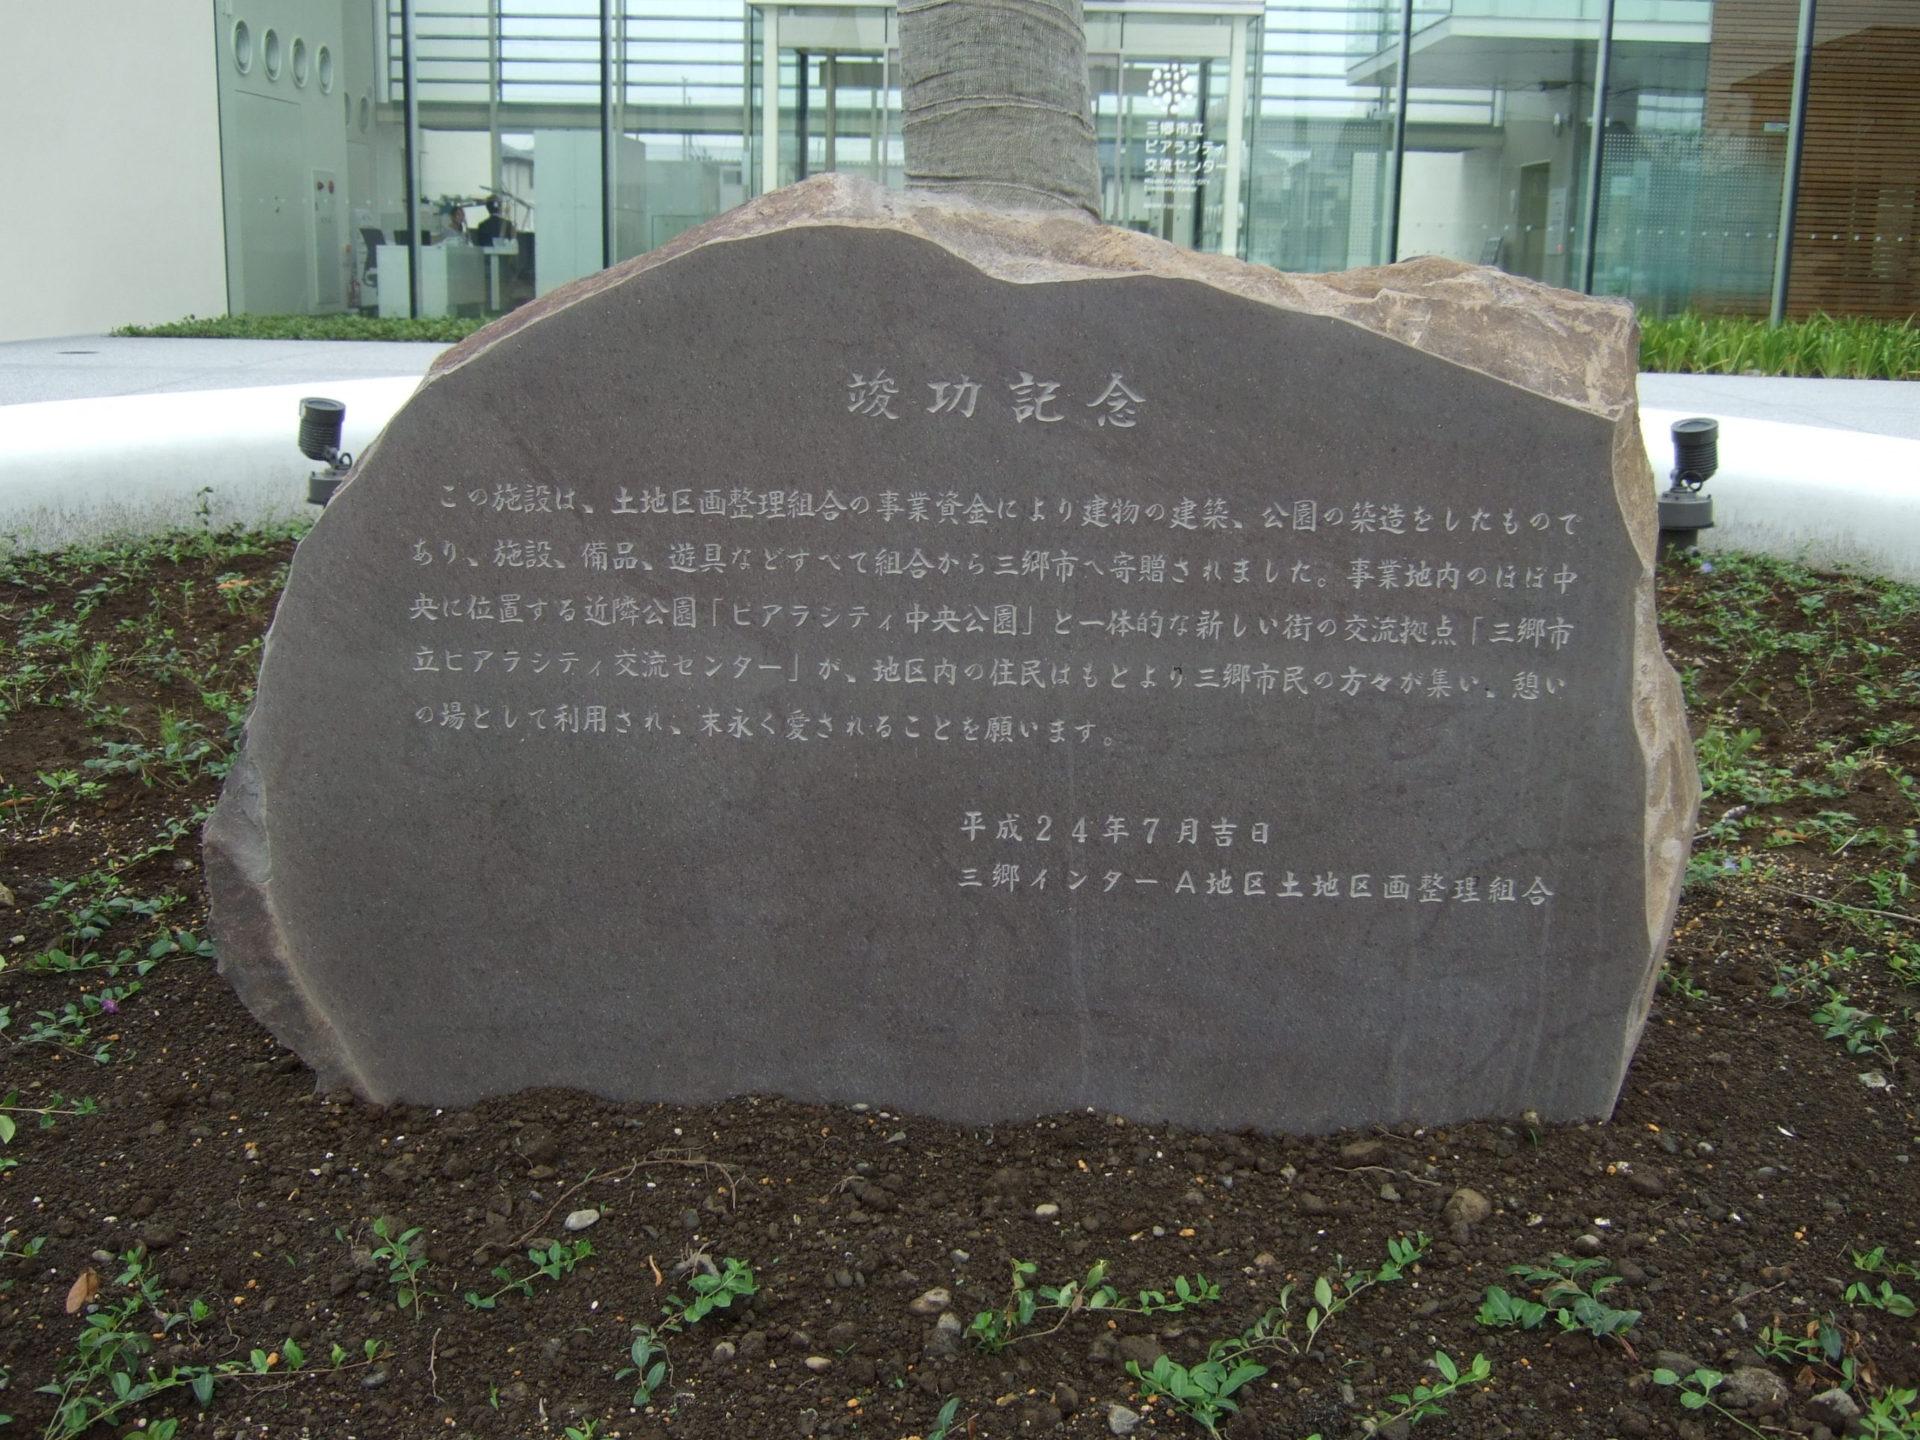 ピアラシティ中央公園<br>竣工記念碑